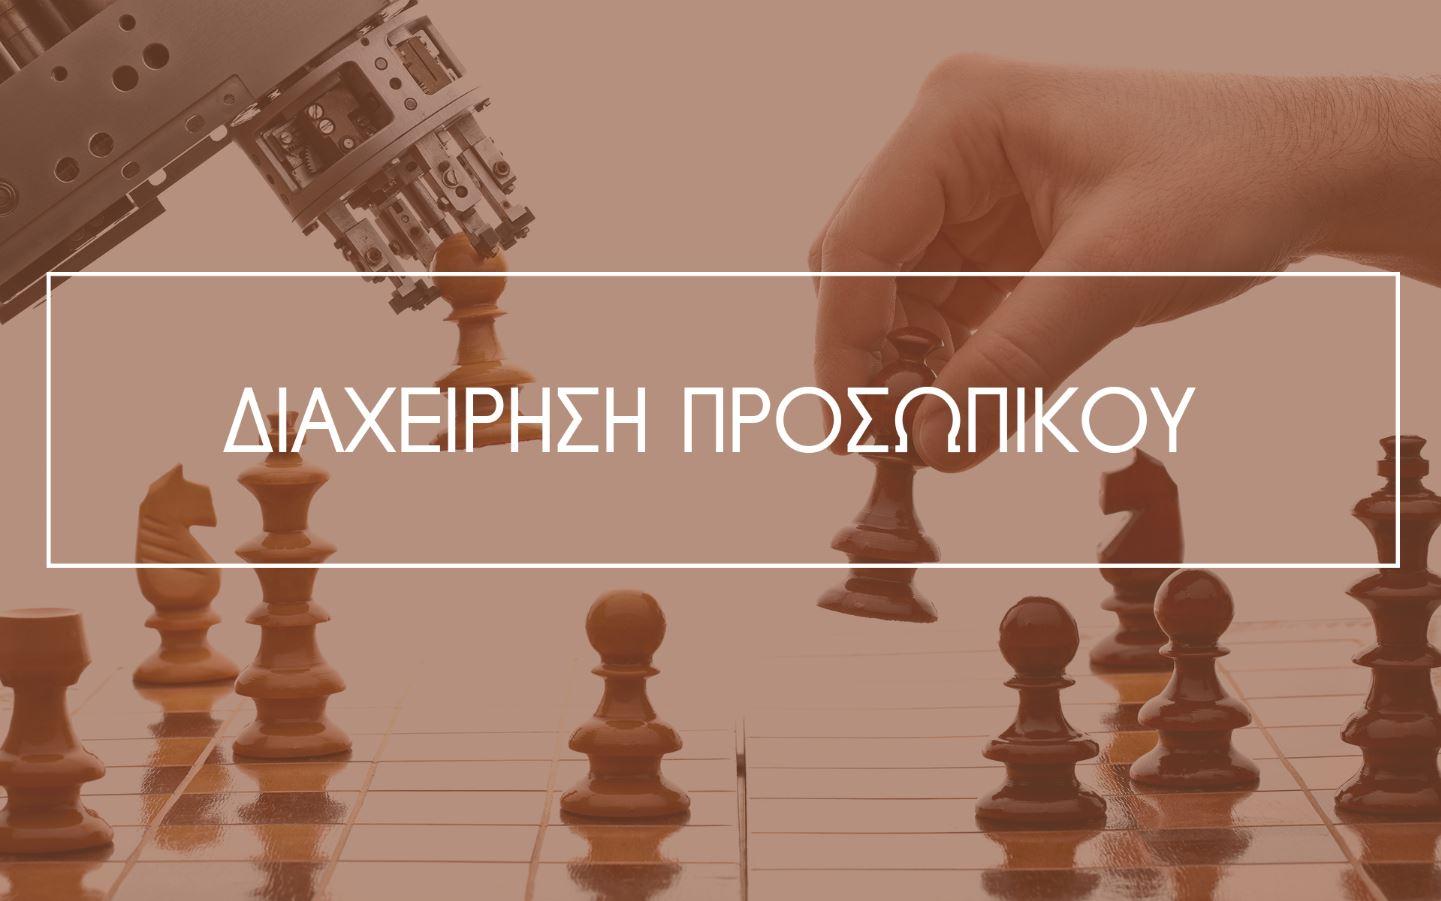 diaxeirish-proswpikou-1-1